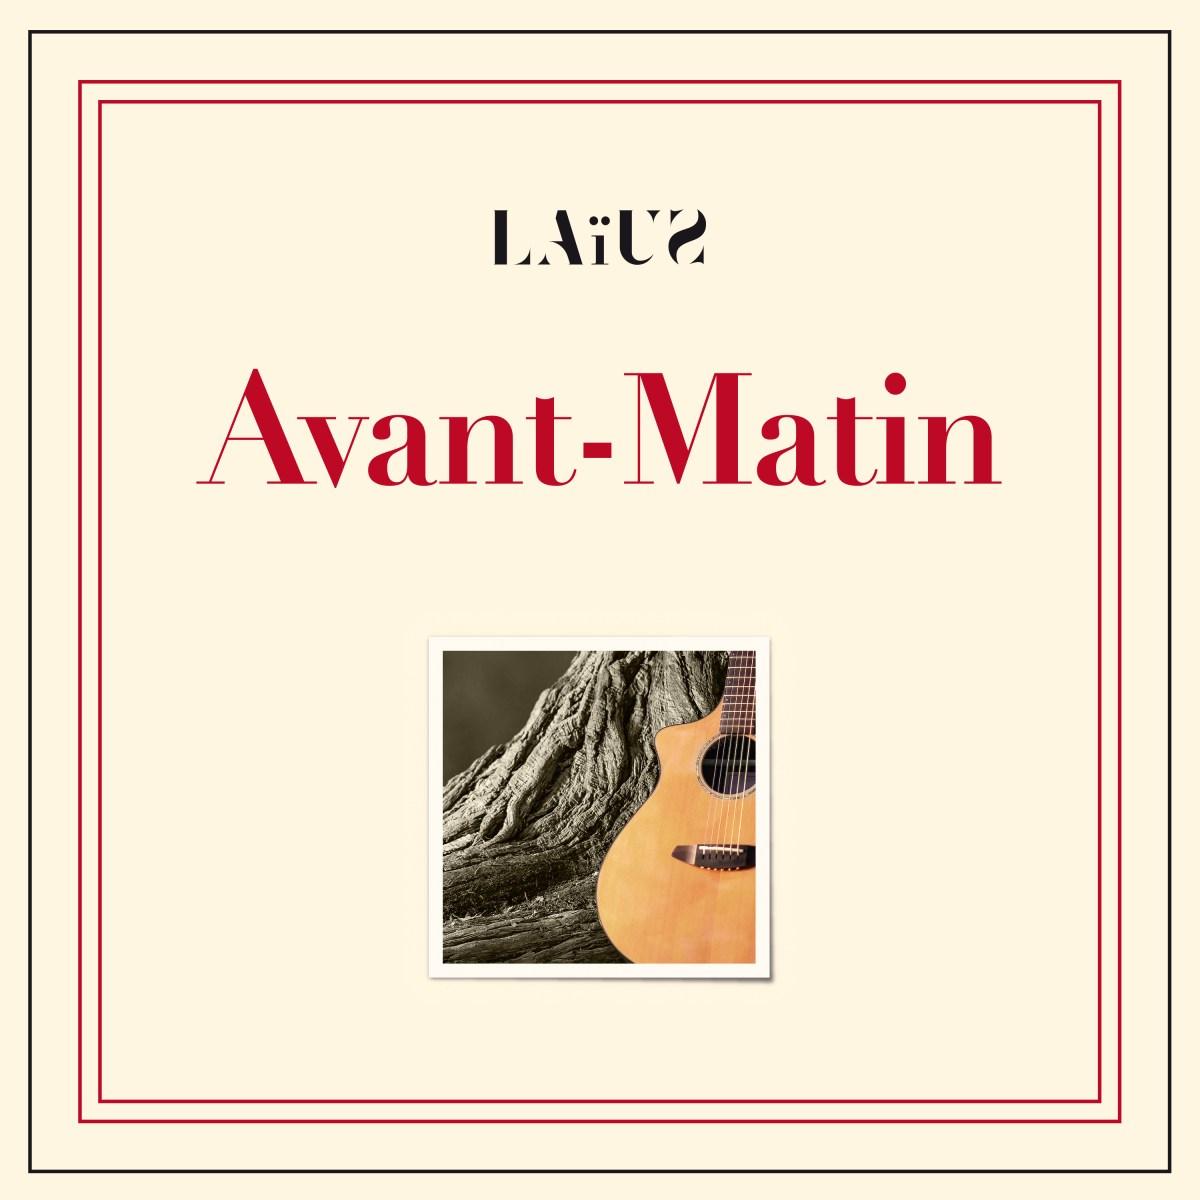 """Album """"Avant-Matin"""" de Laius"""